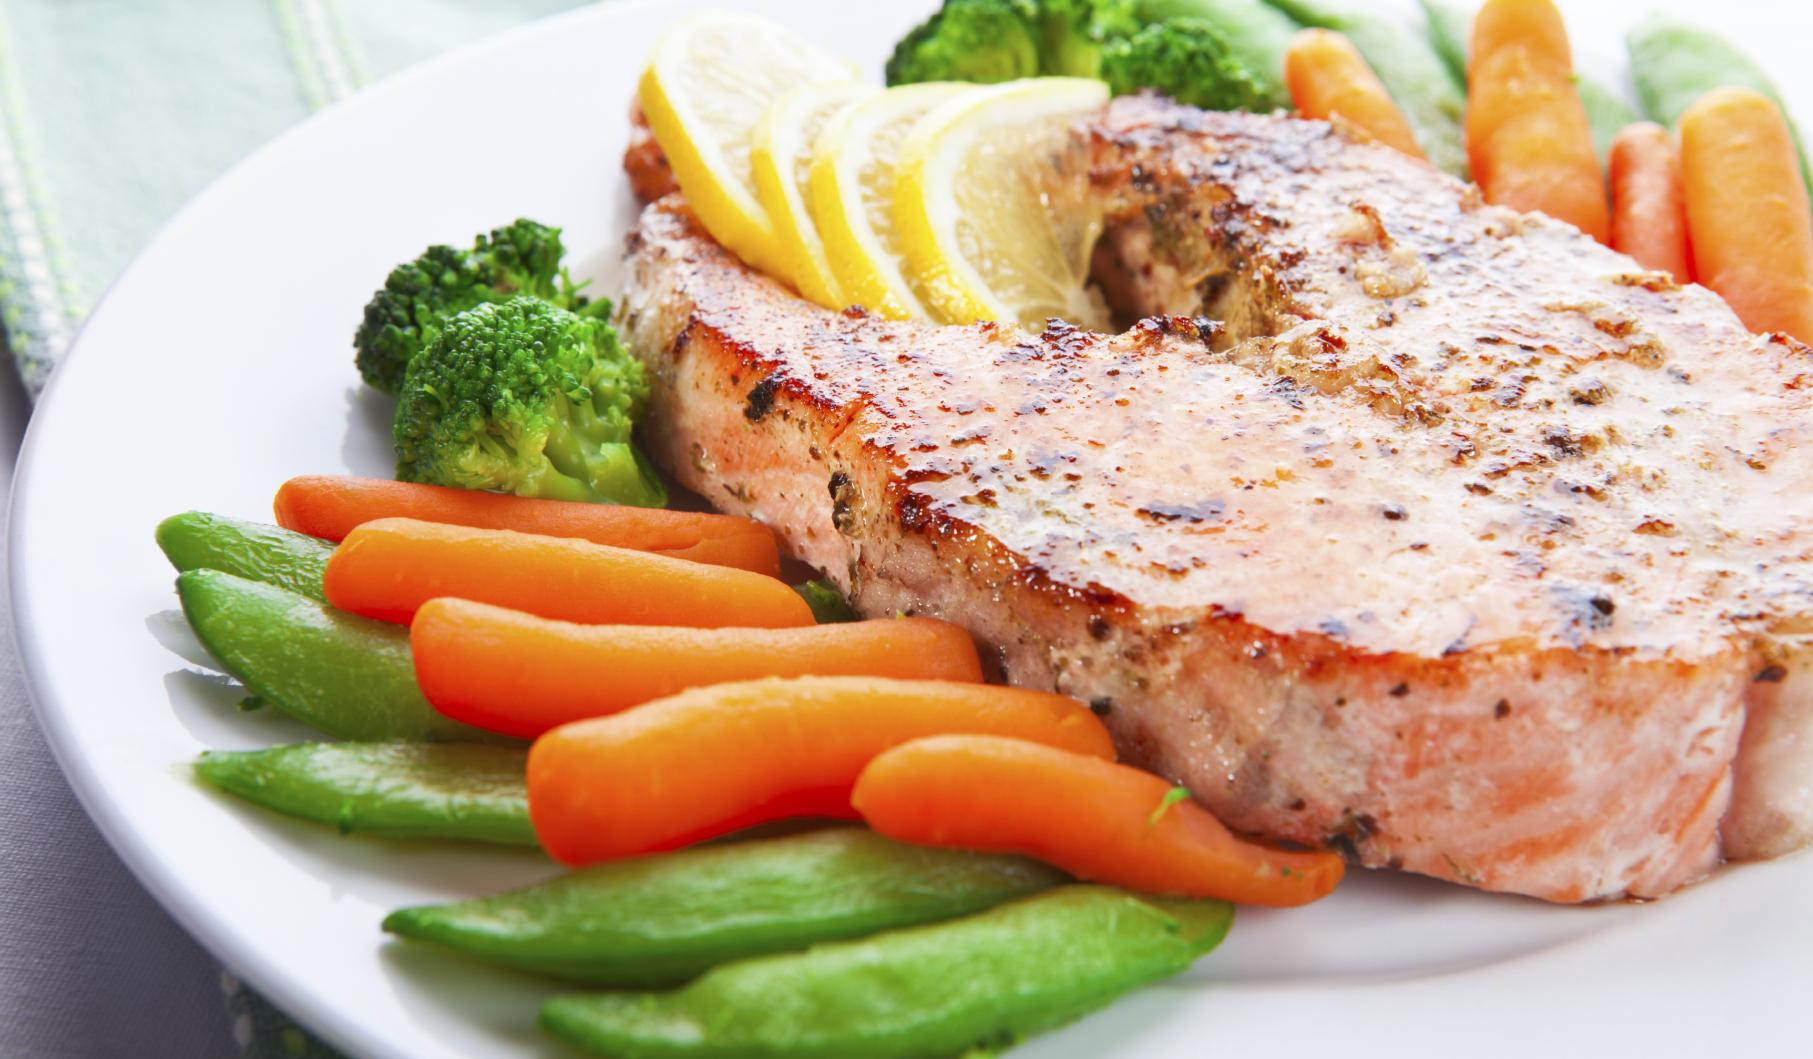 Omega-3 Foods